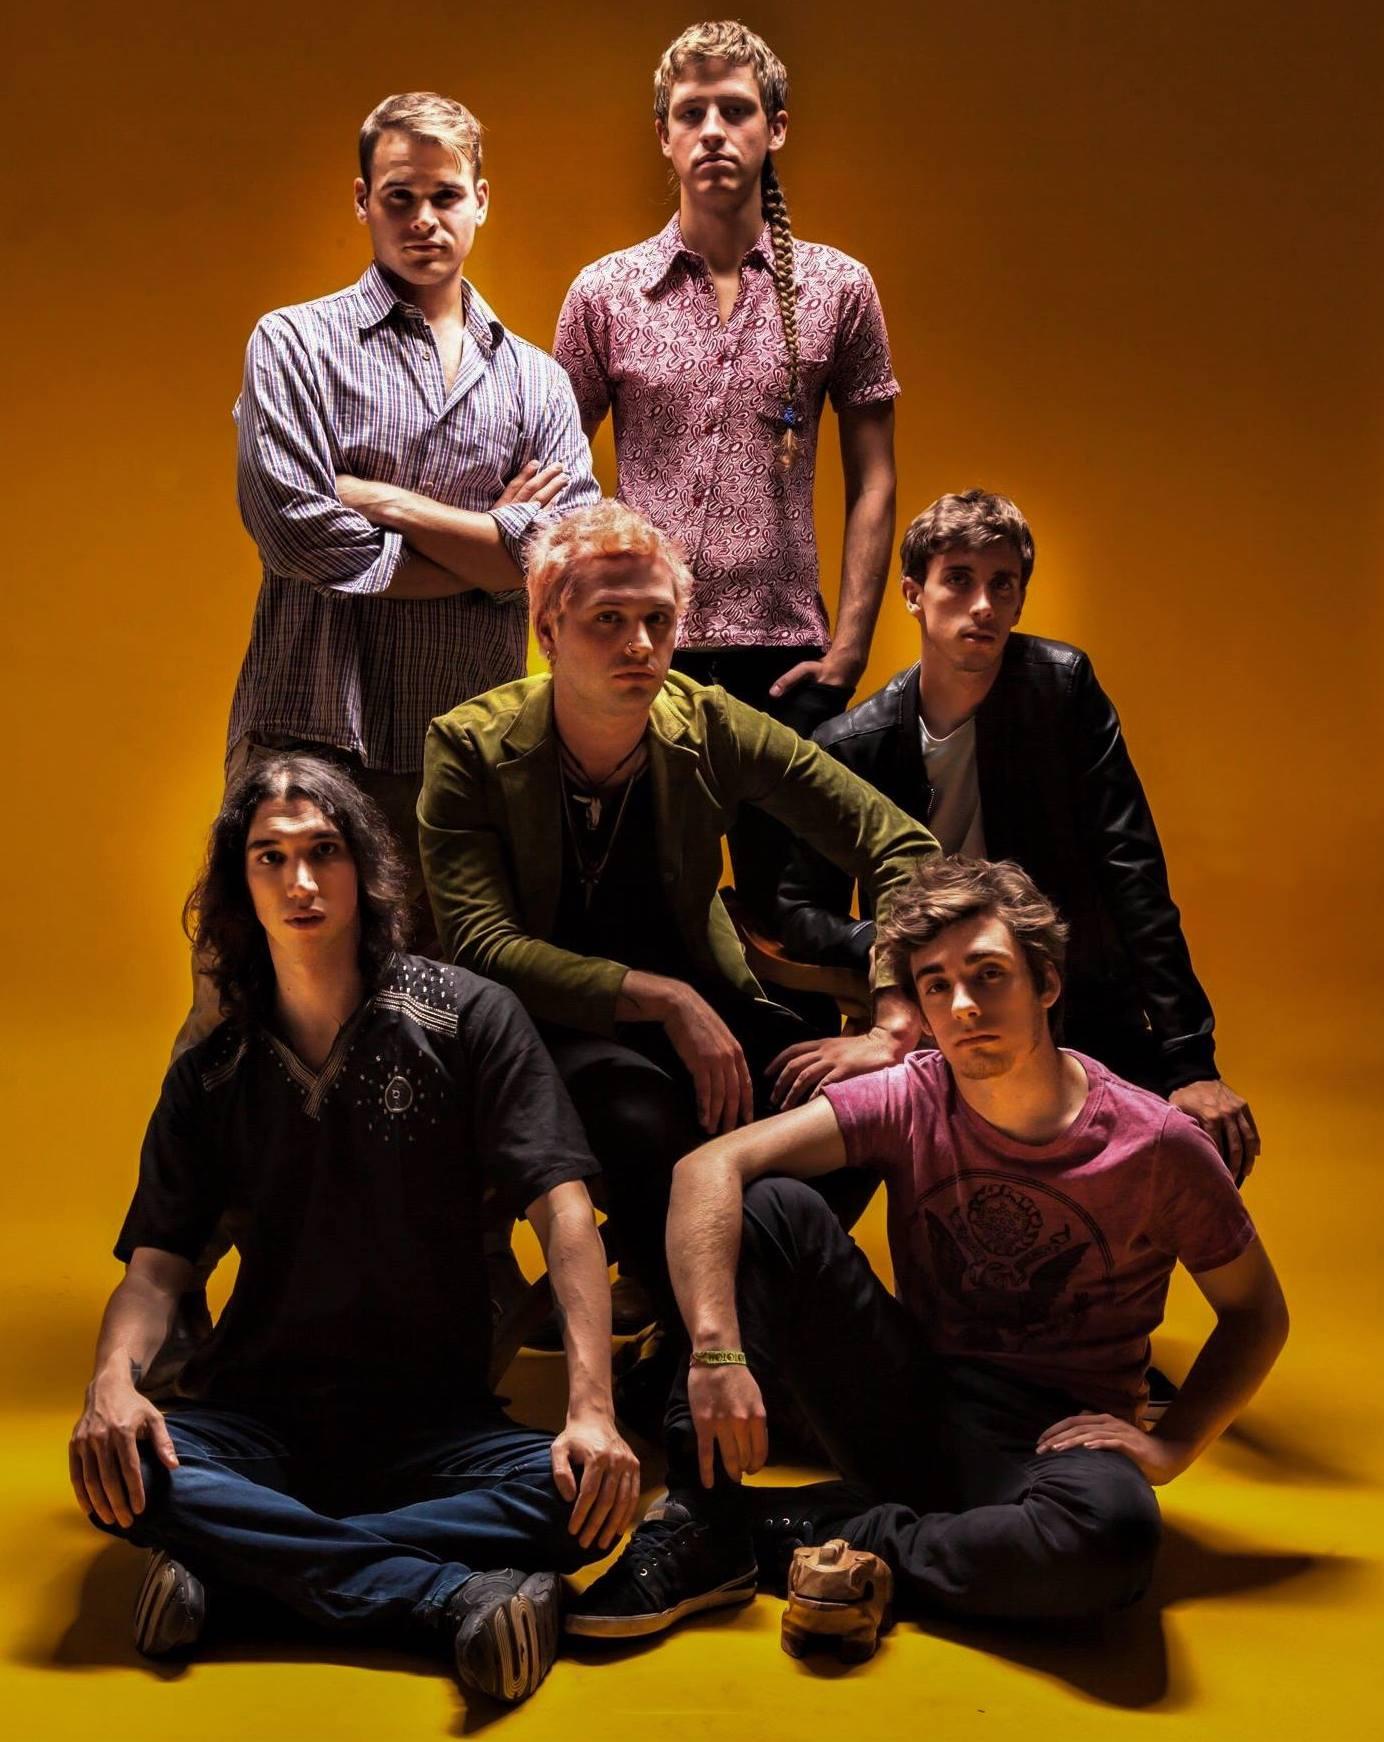 Intervista Enema Bandits in concerto al Teatro di San Giovanni (Ts) il 31.10.18